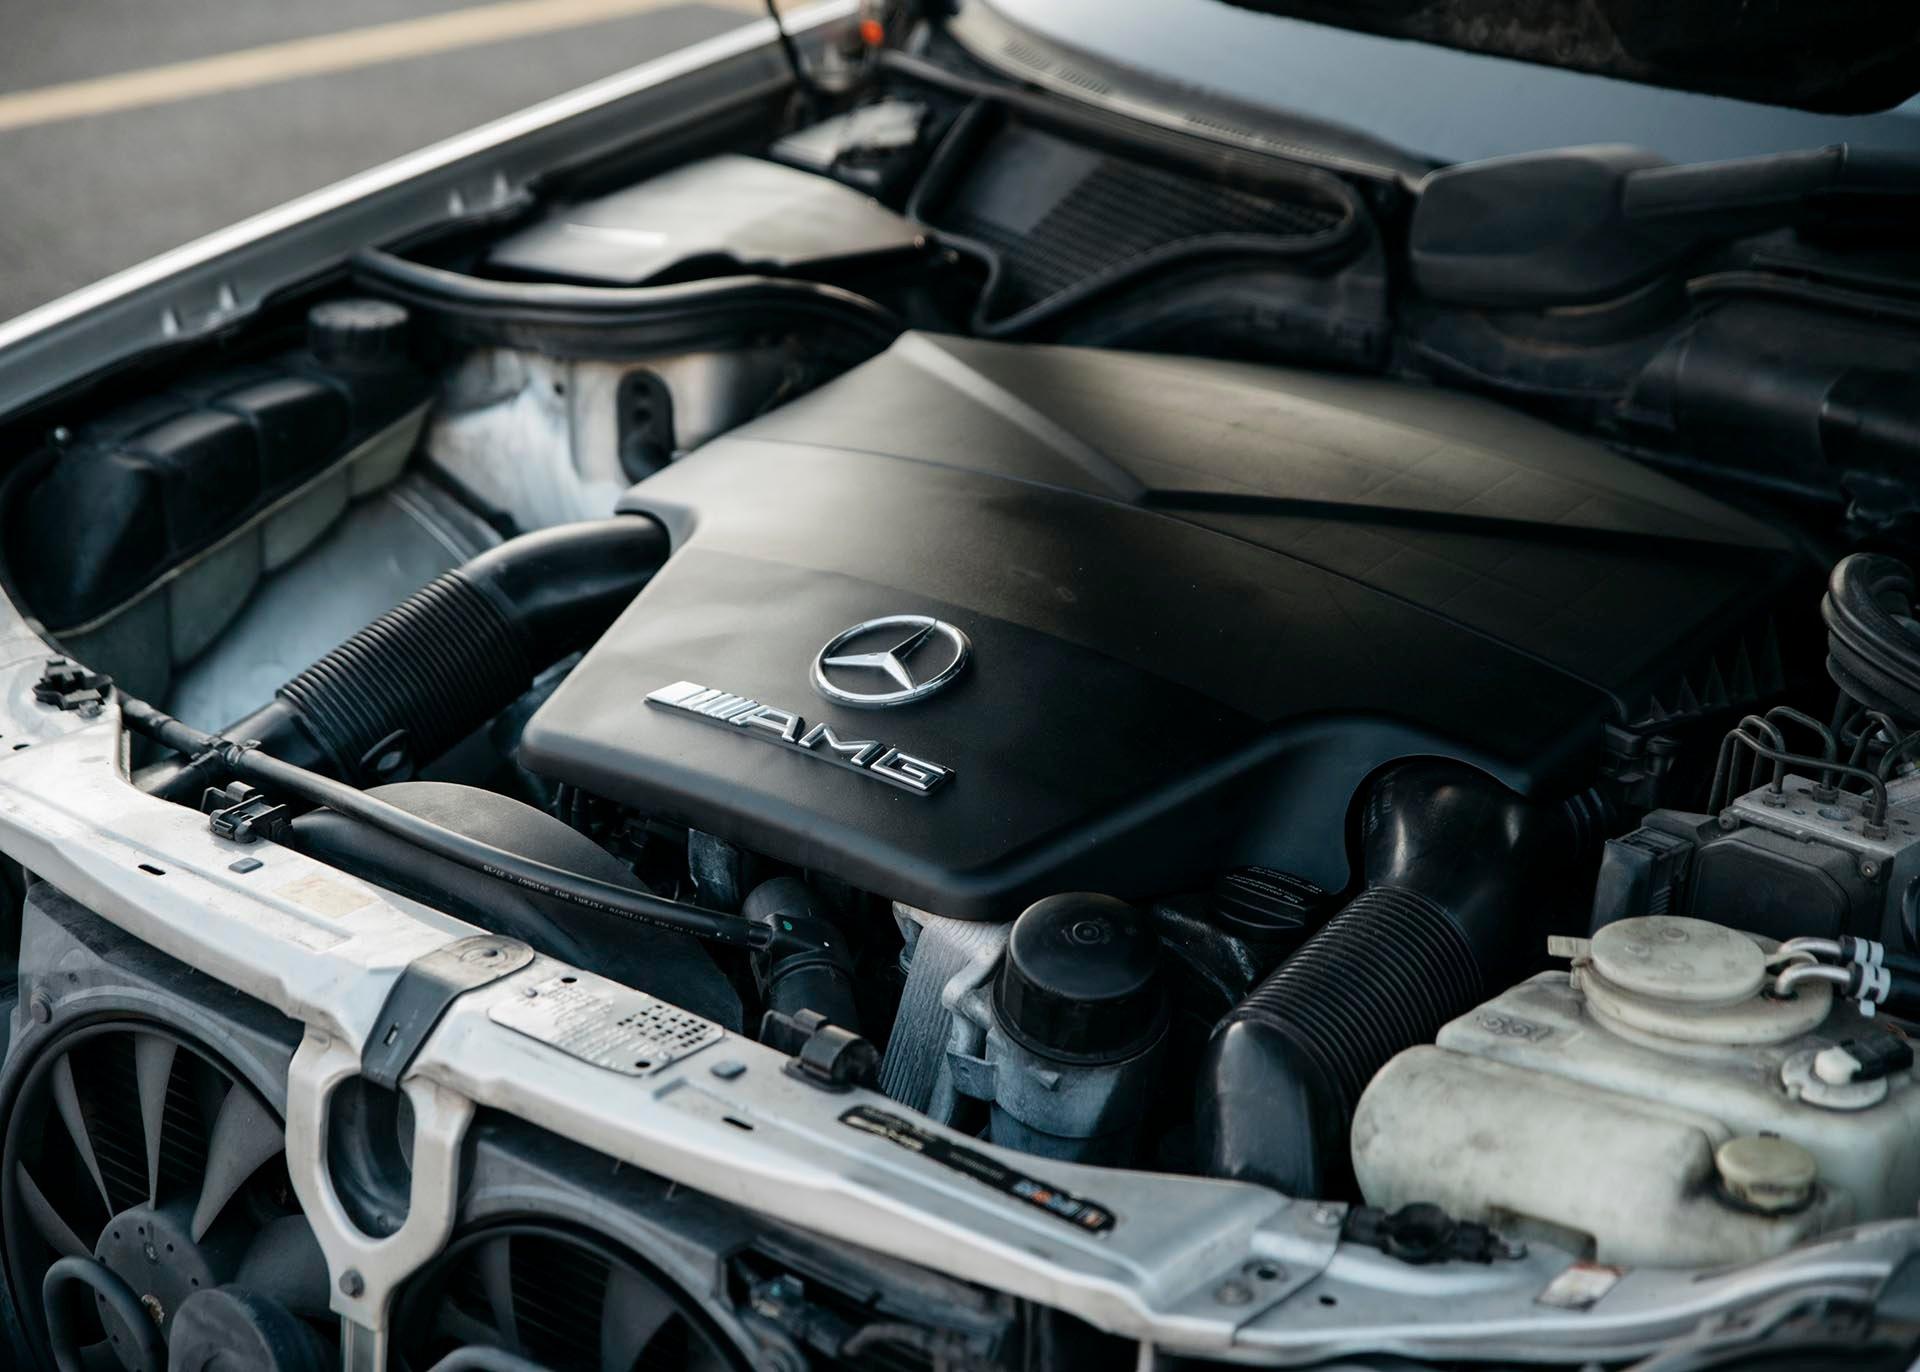 10_Mercedes-Benz E55 AMG manual 5.4 L V8